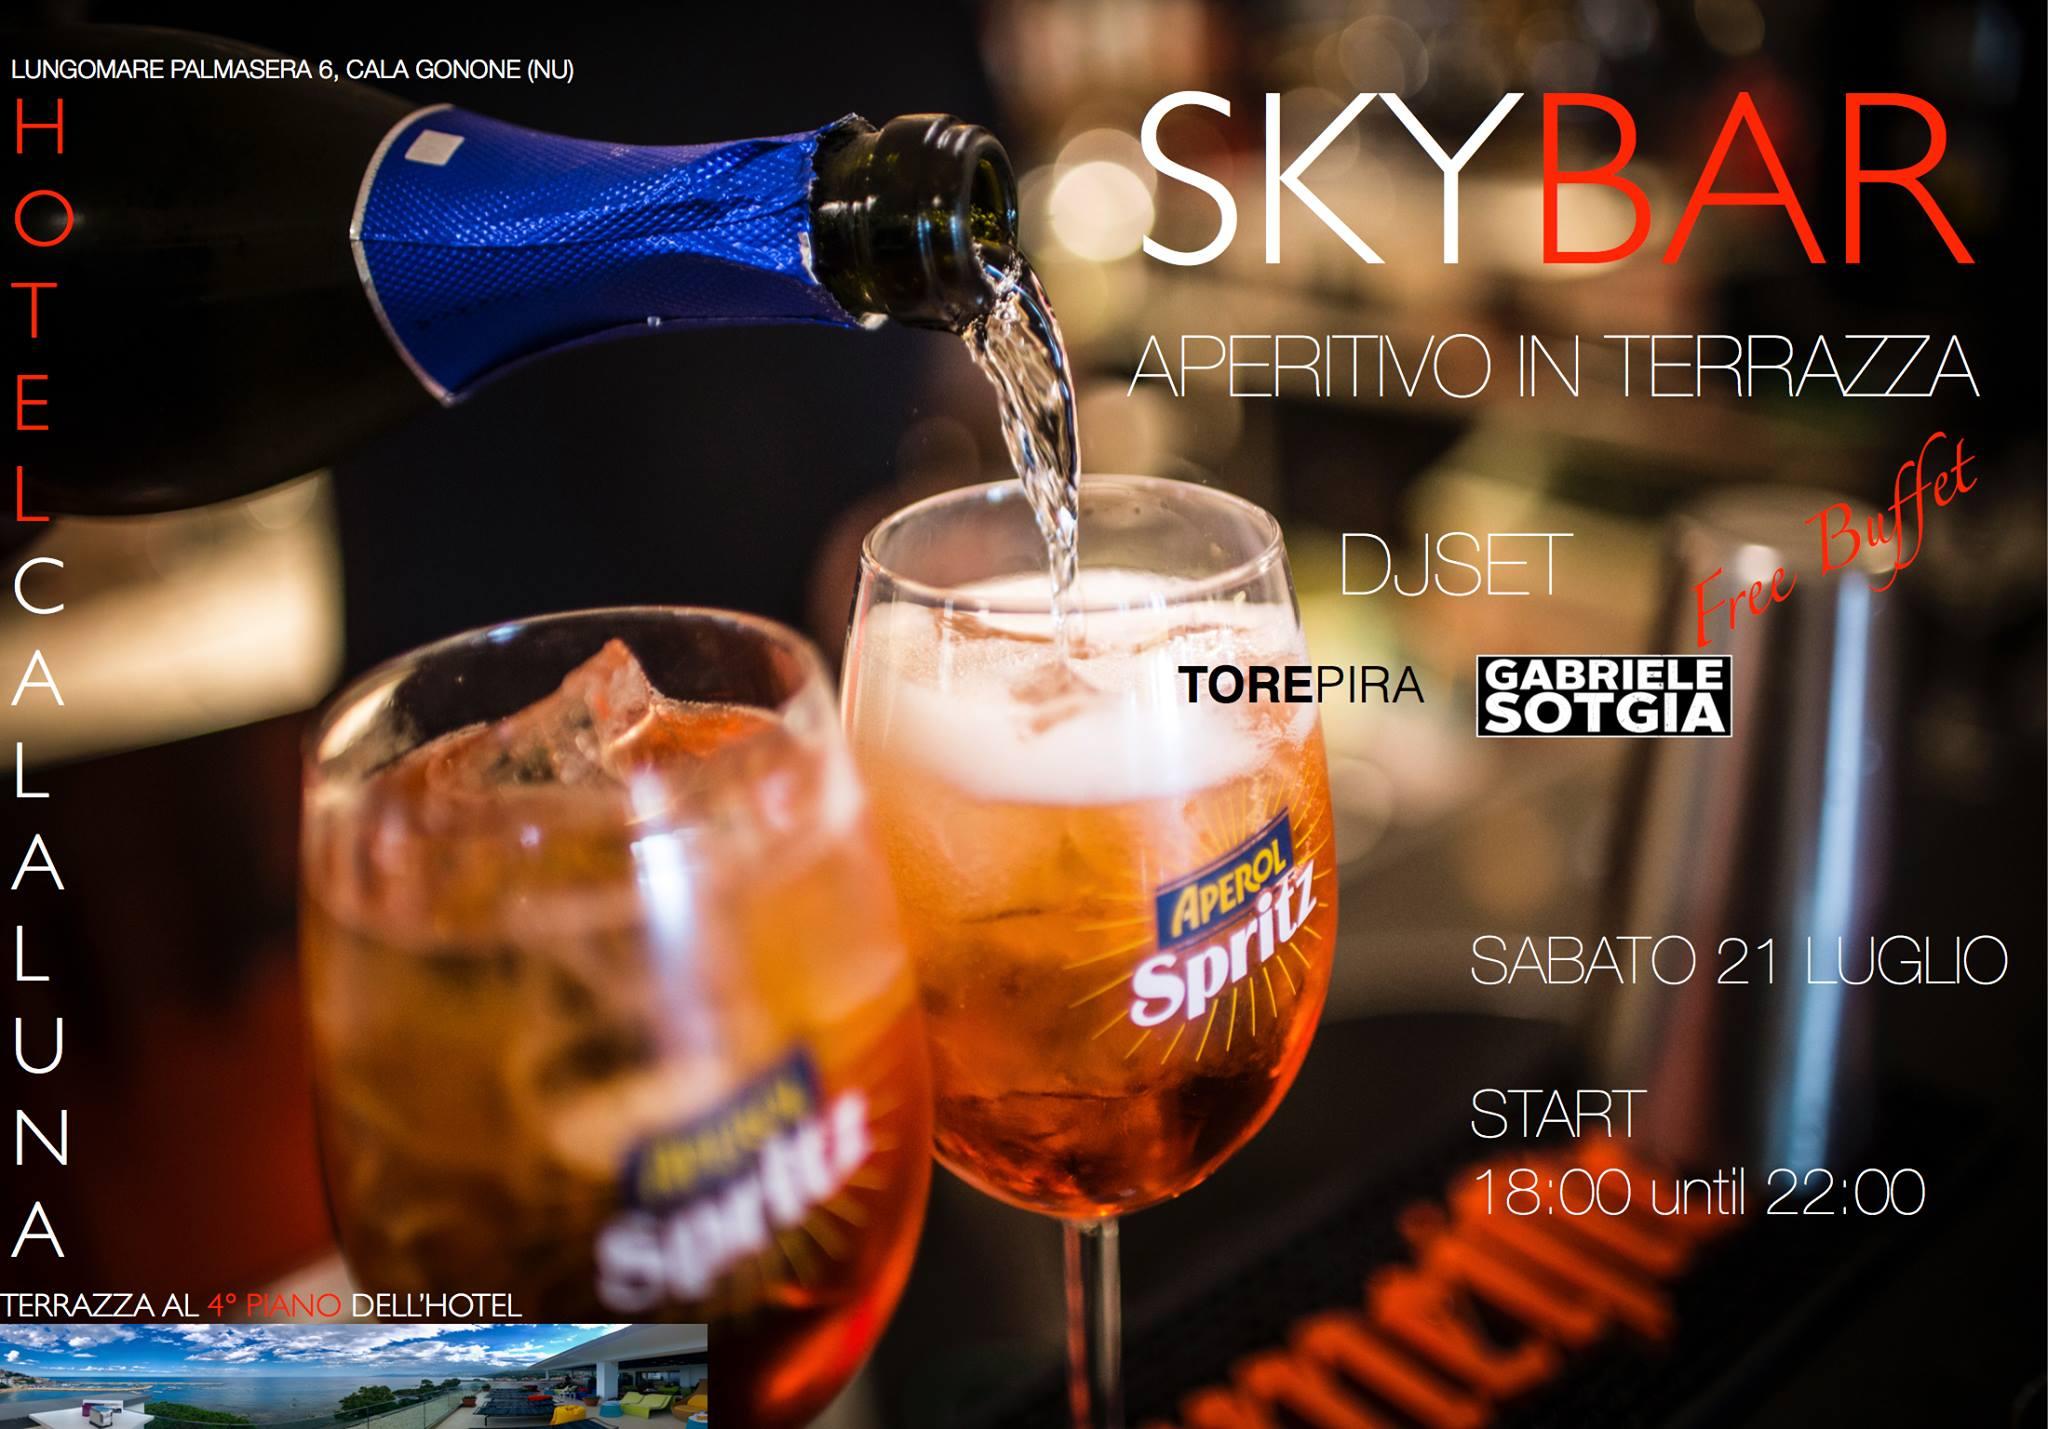 Aperitivo sky bar Cala Gonone